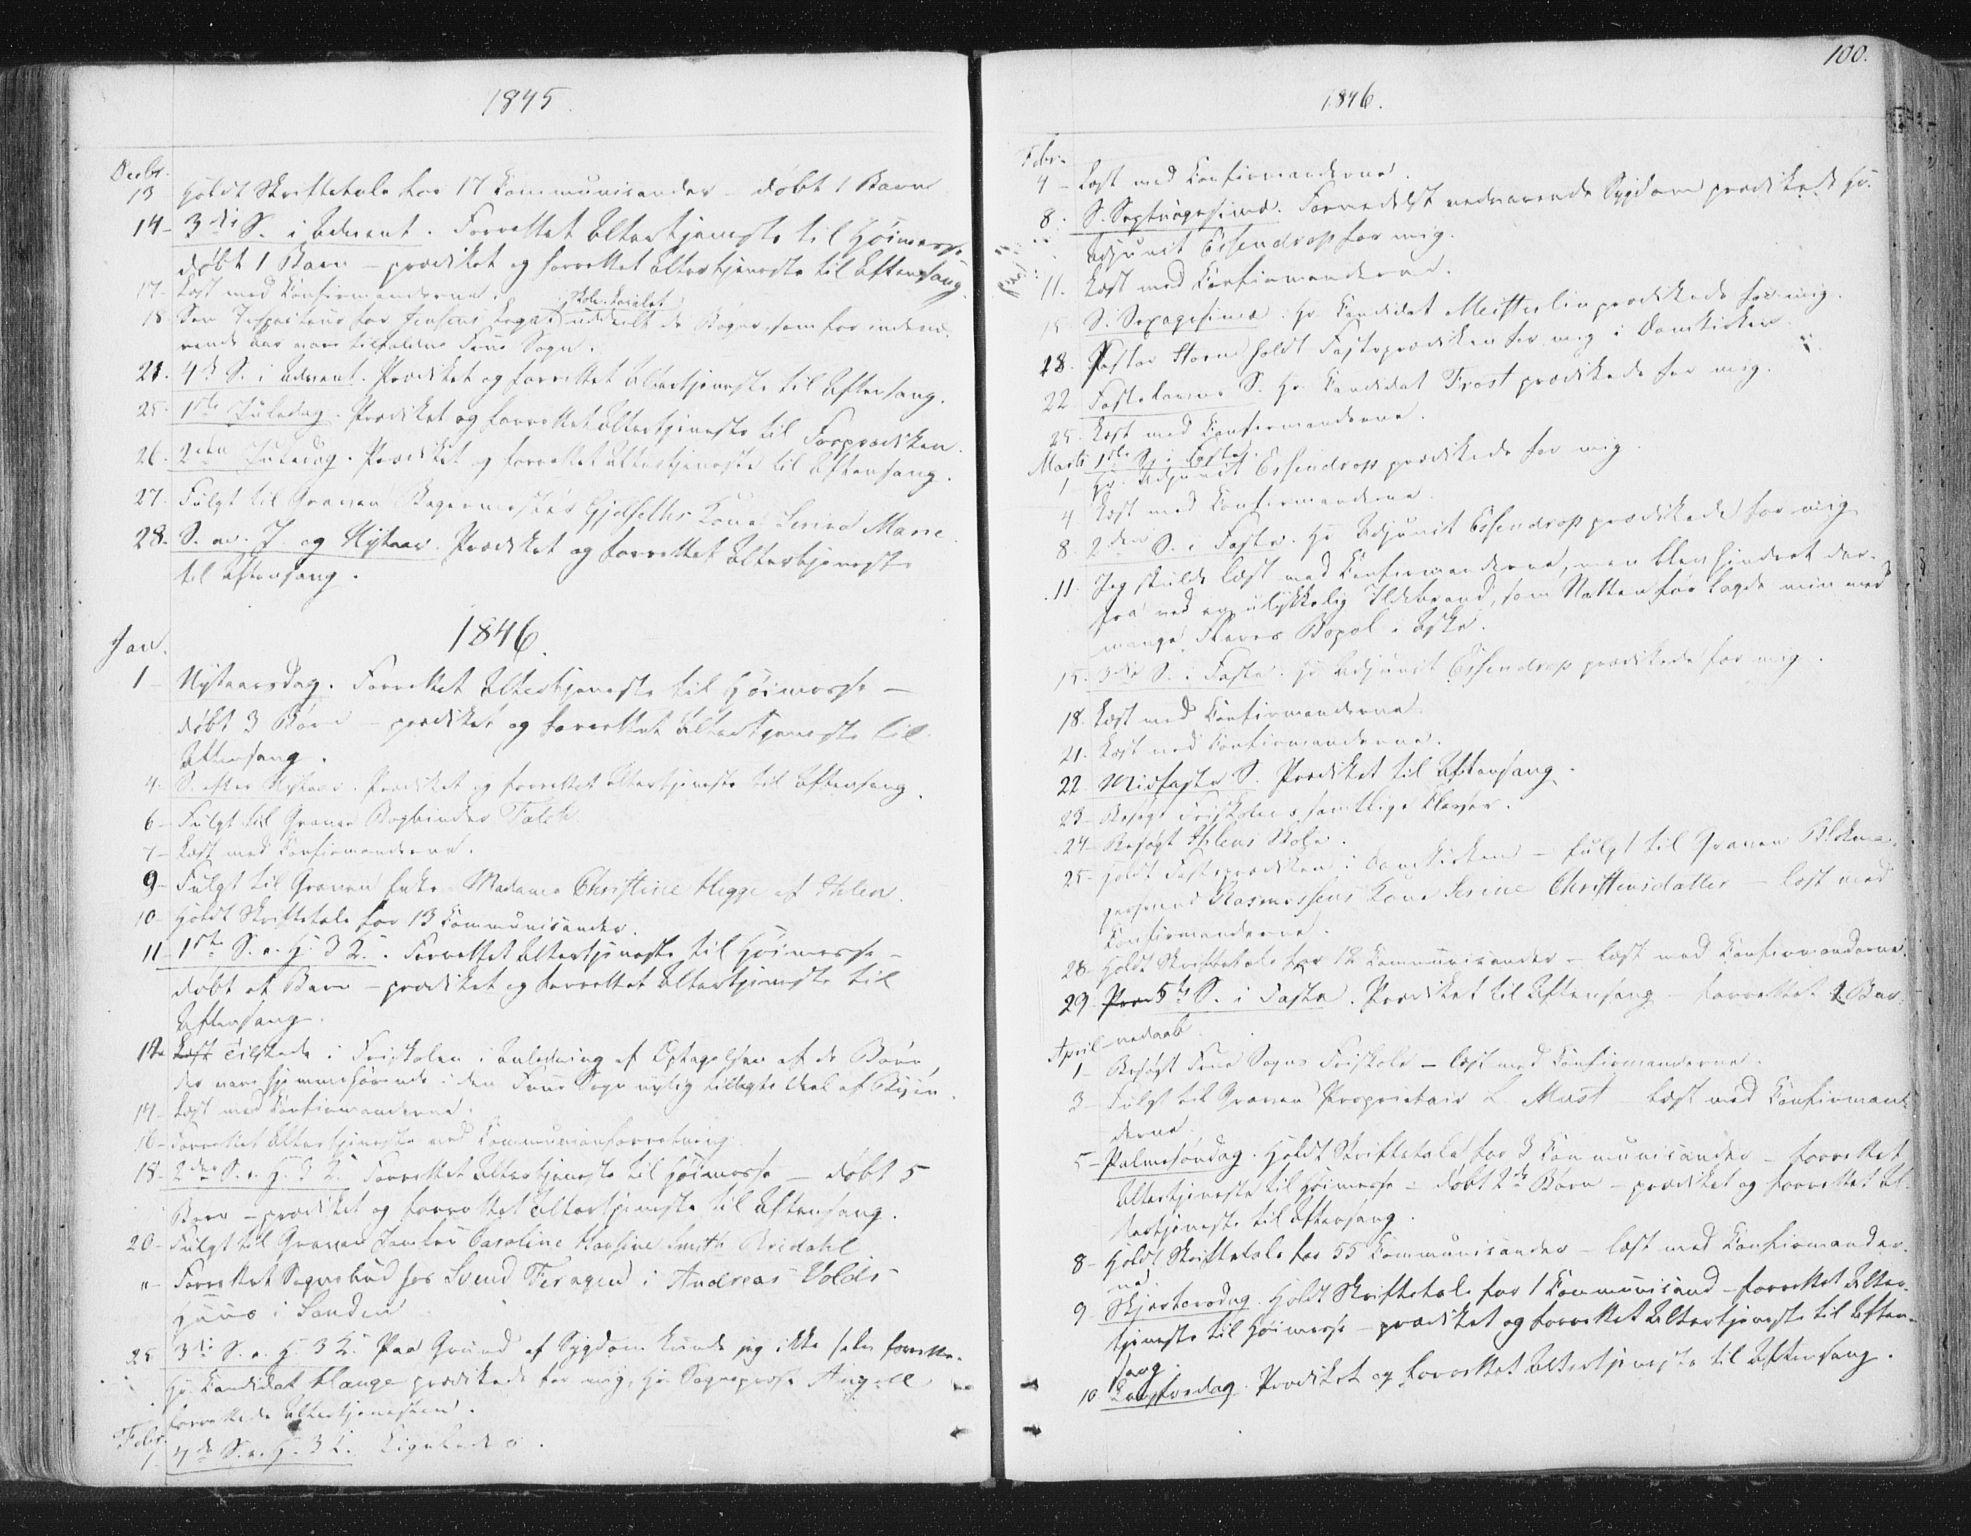 SAT, Ministerialprotokoller, klokkerbøker og fødselsregistre - Sør-Trøndelag, 602/L0127: Residerende kapellans bok nr. 602B01, 1821-1875, s. 100